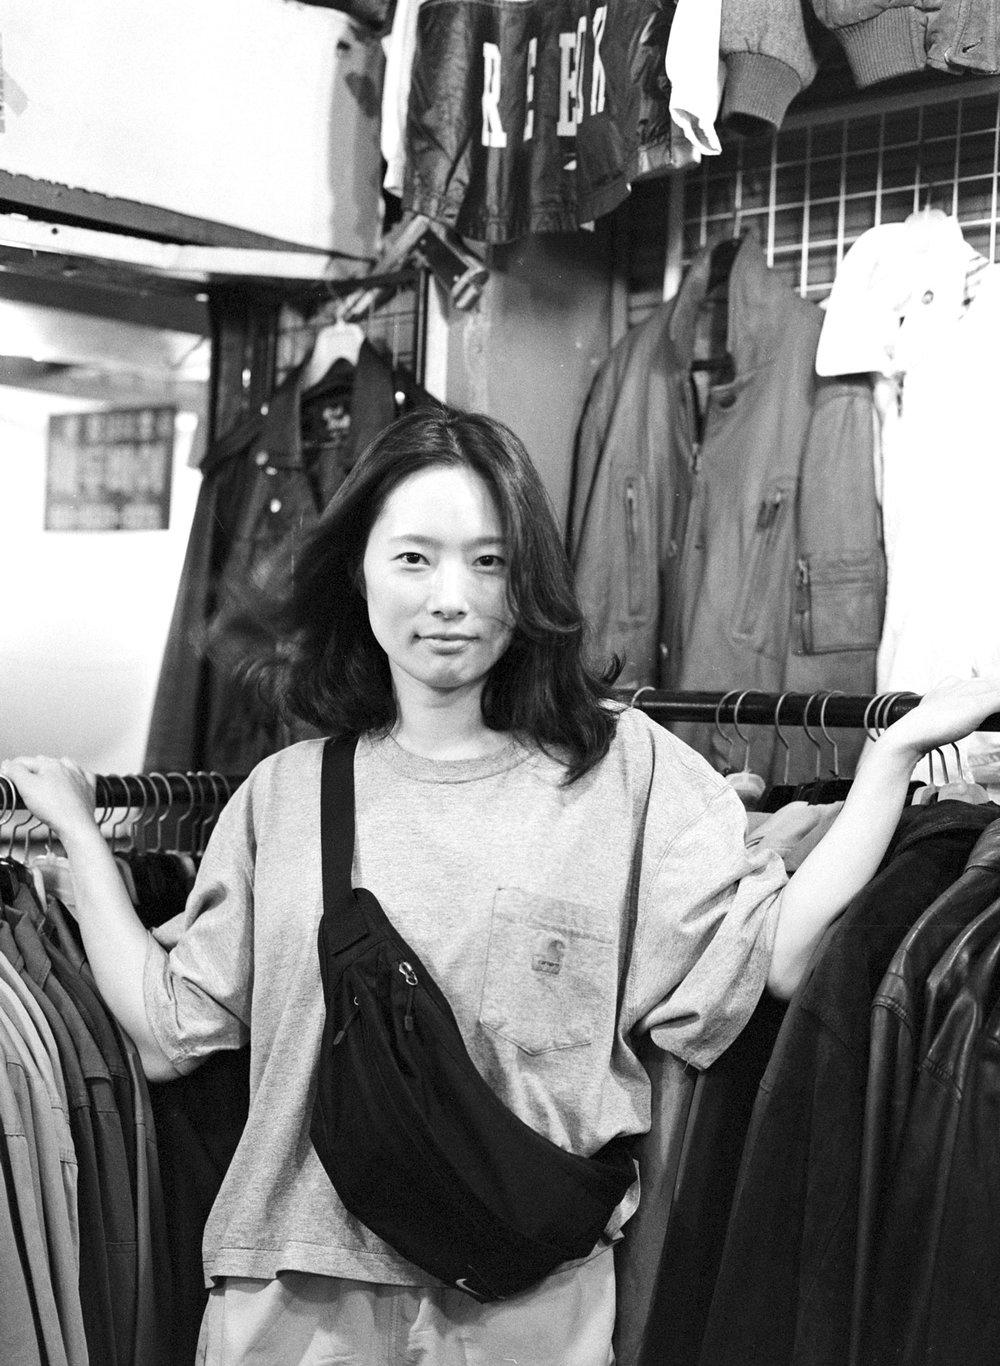 """오윤미 (38) - """"살다보면 더 나아진다? 어제보단 무조건 오늘이 더 나아진다.""""  Yun-mi Oh (38) - """"Life gets better? Today is better than yesterday, by all means."""""""